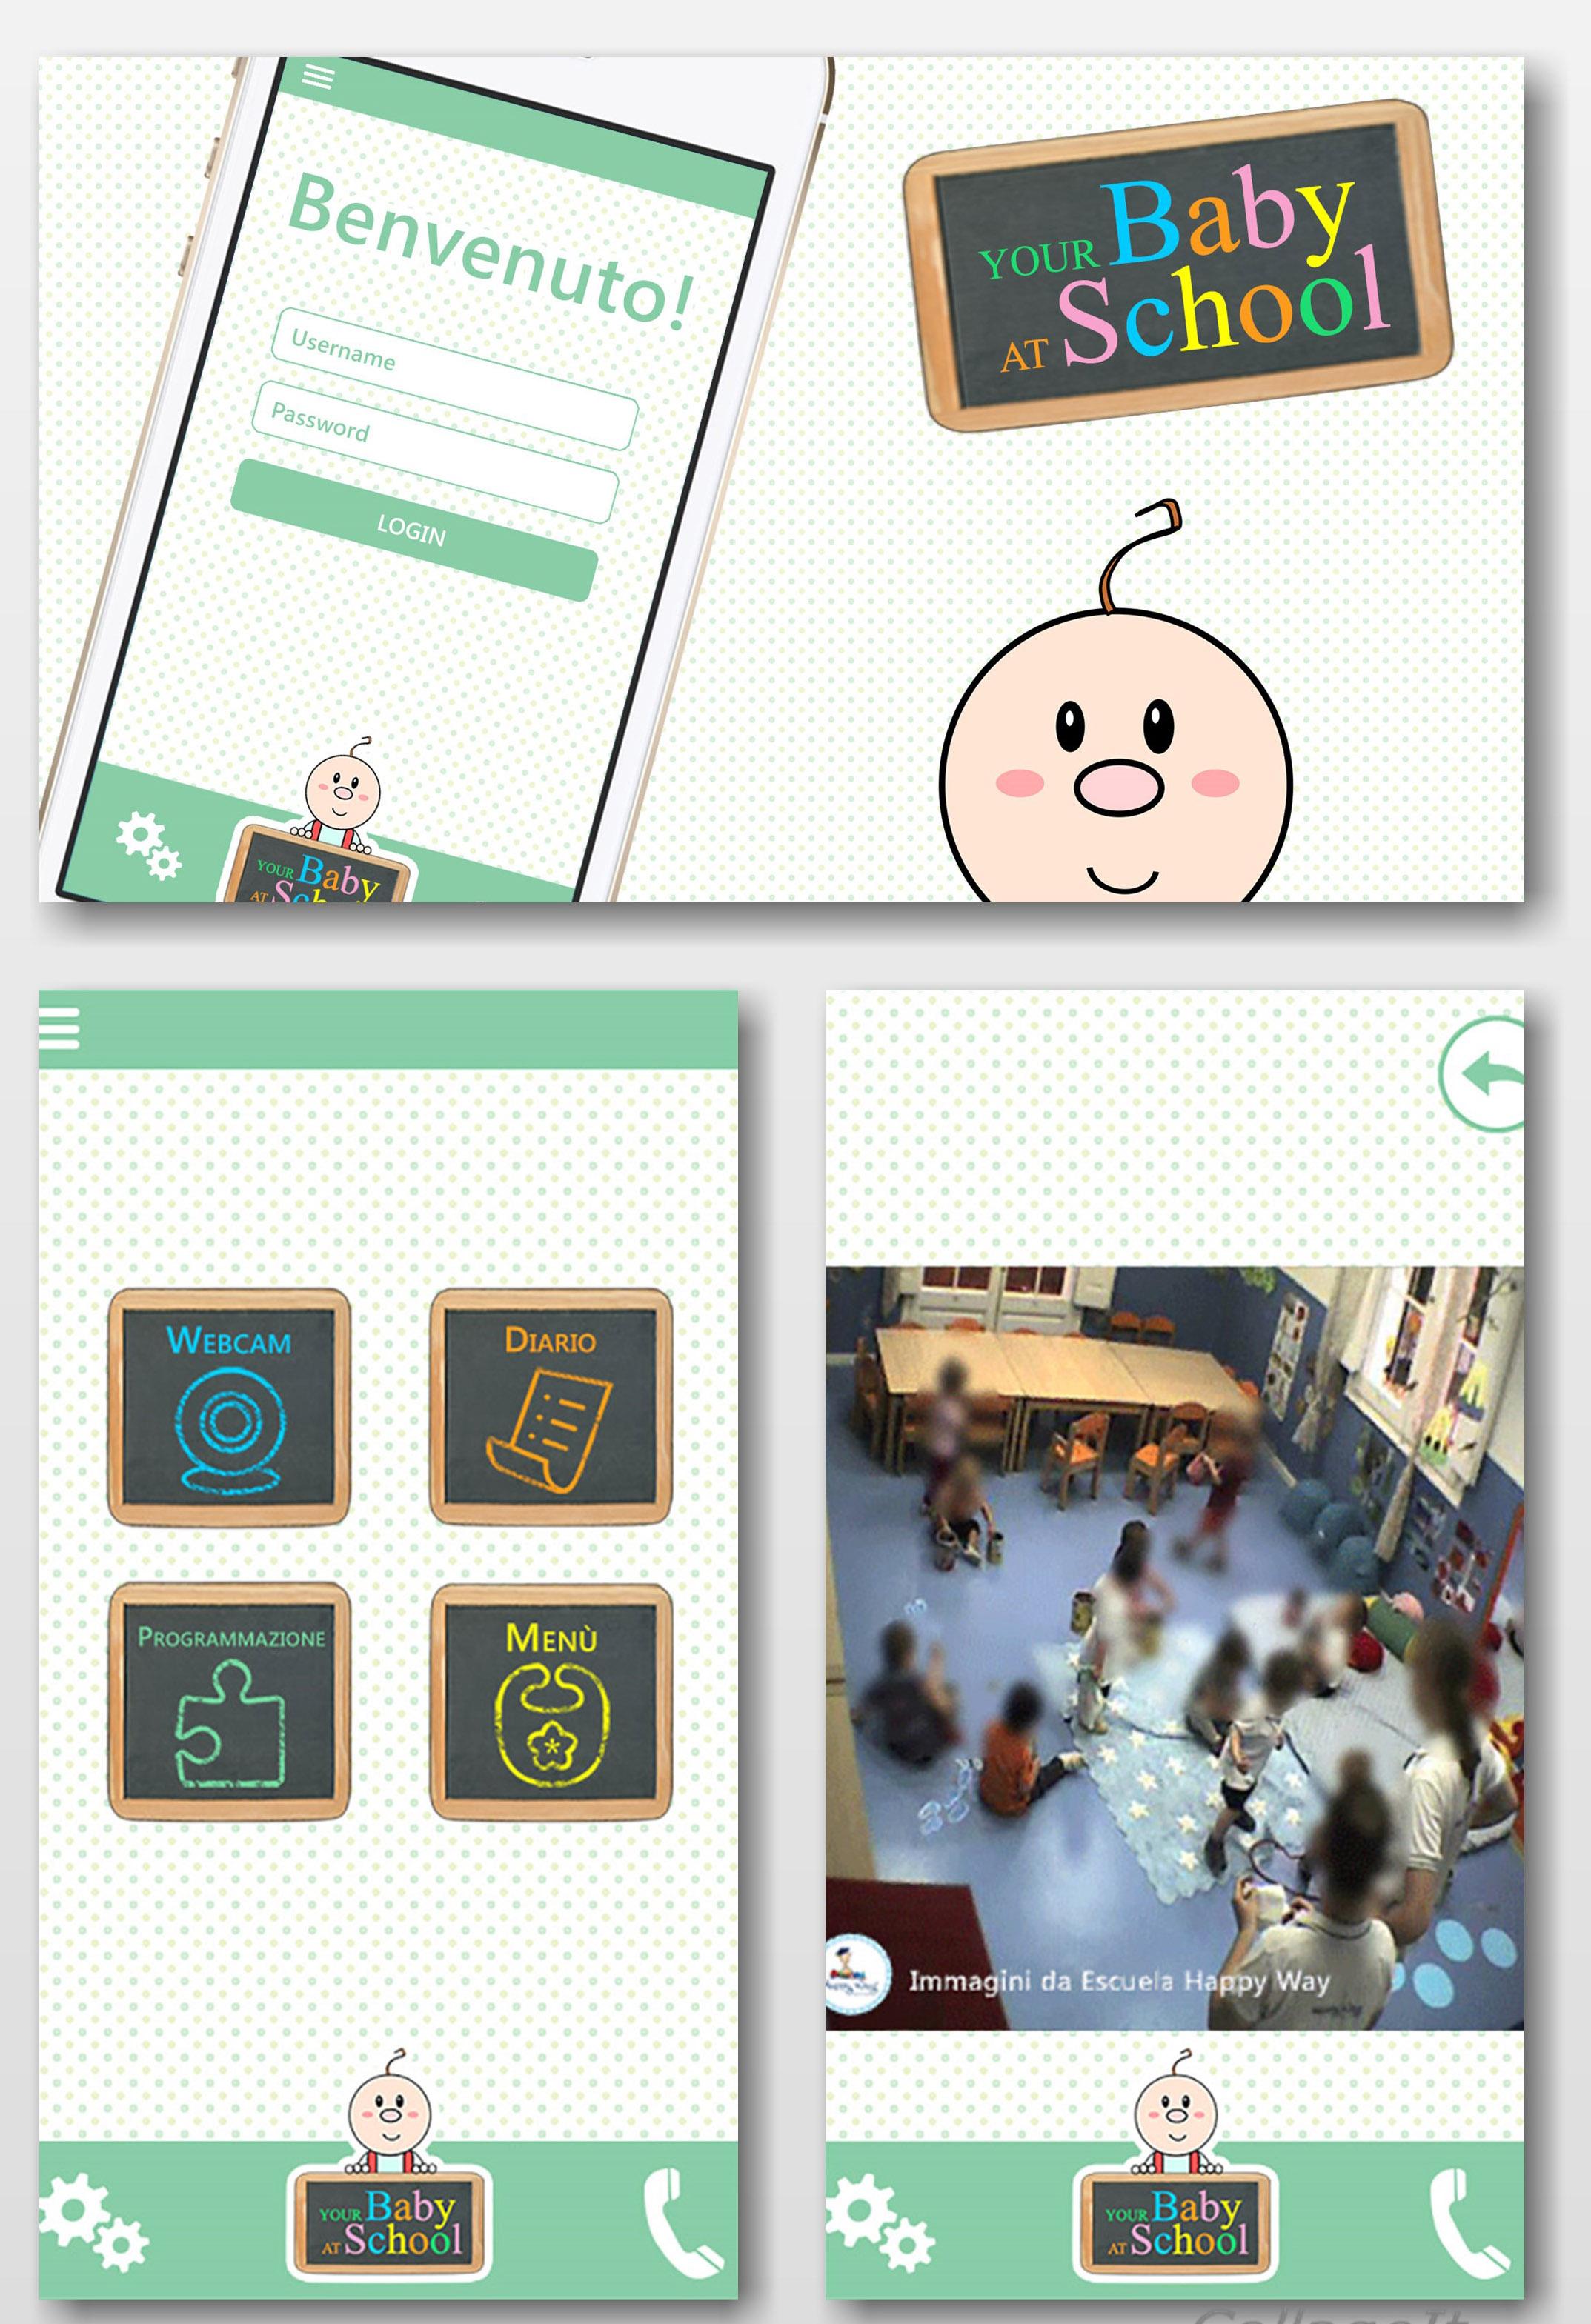 BabySchool-App